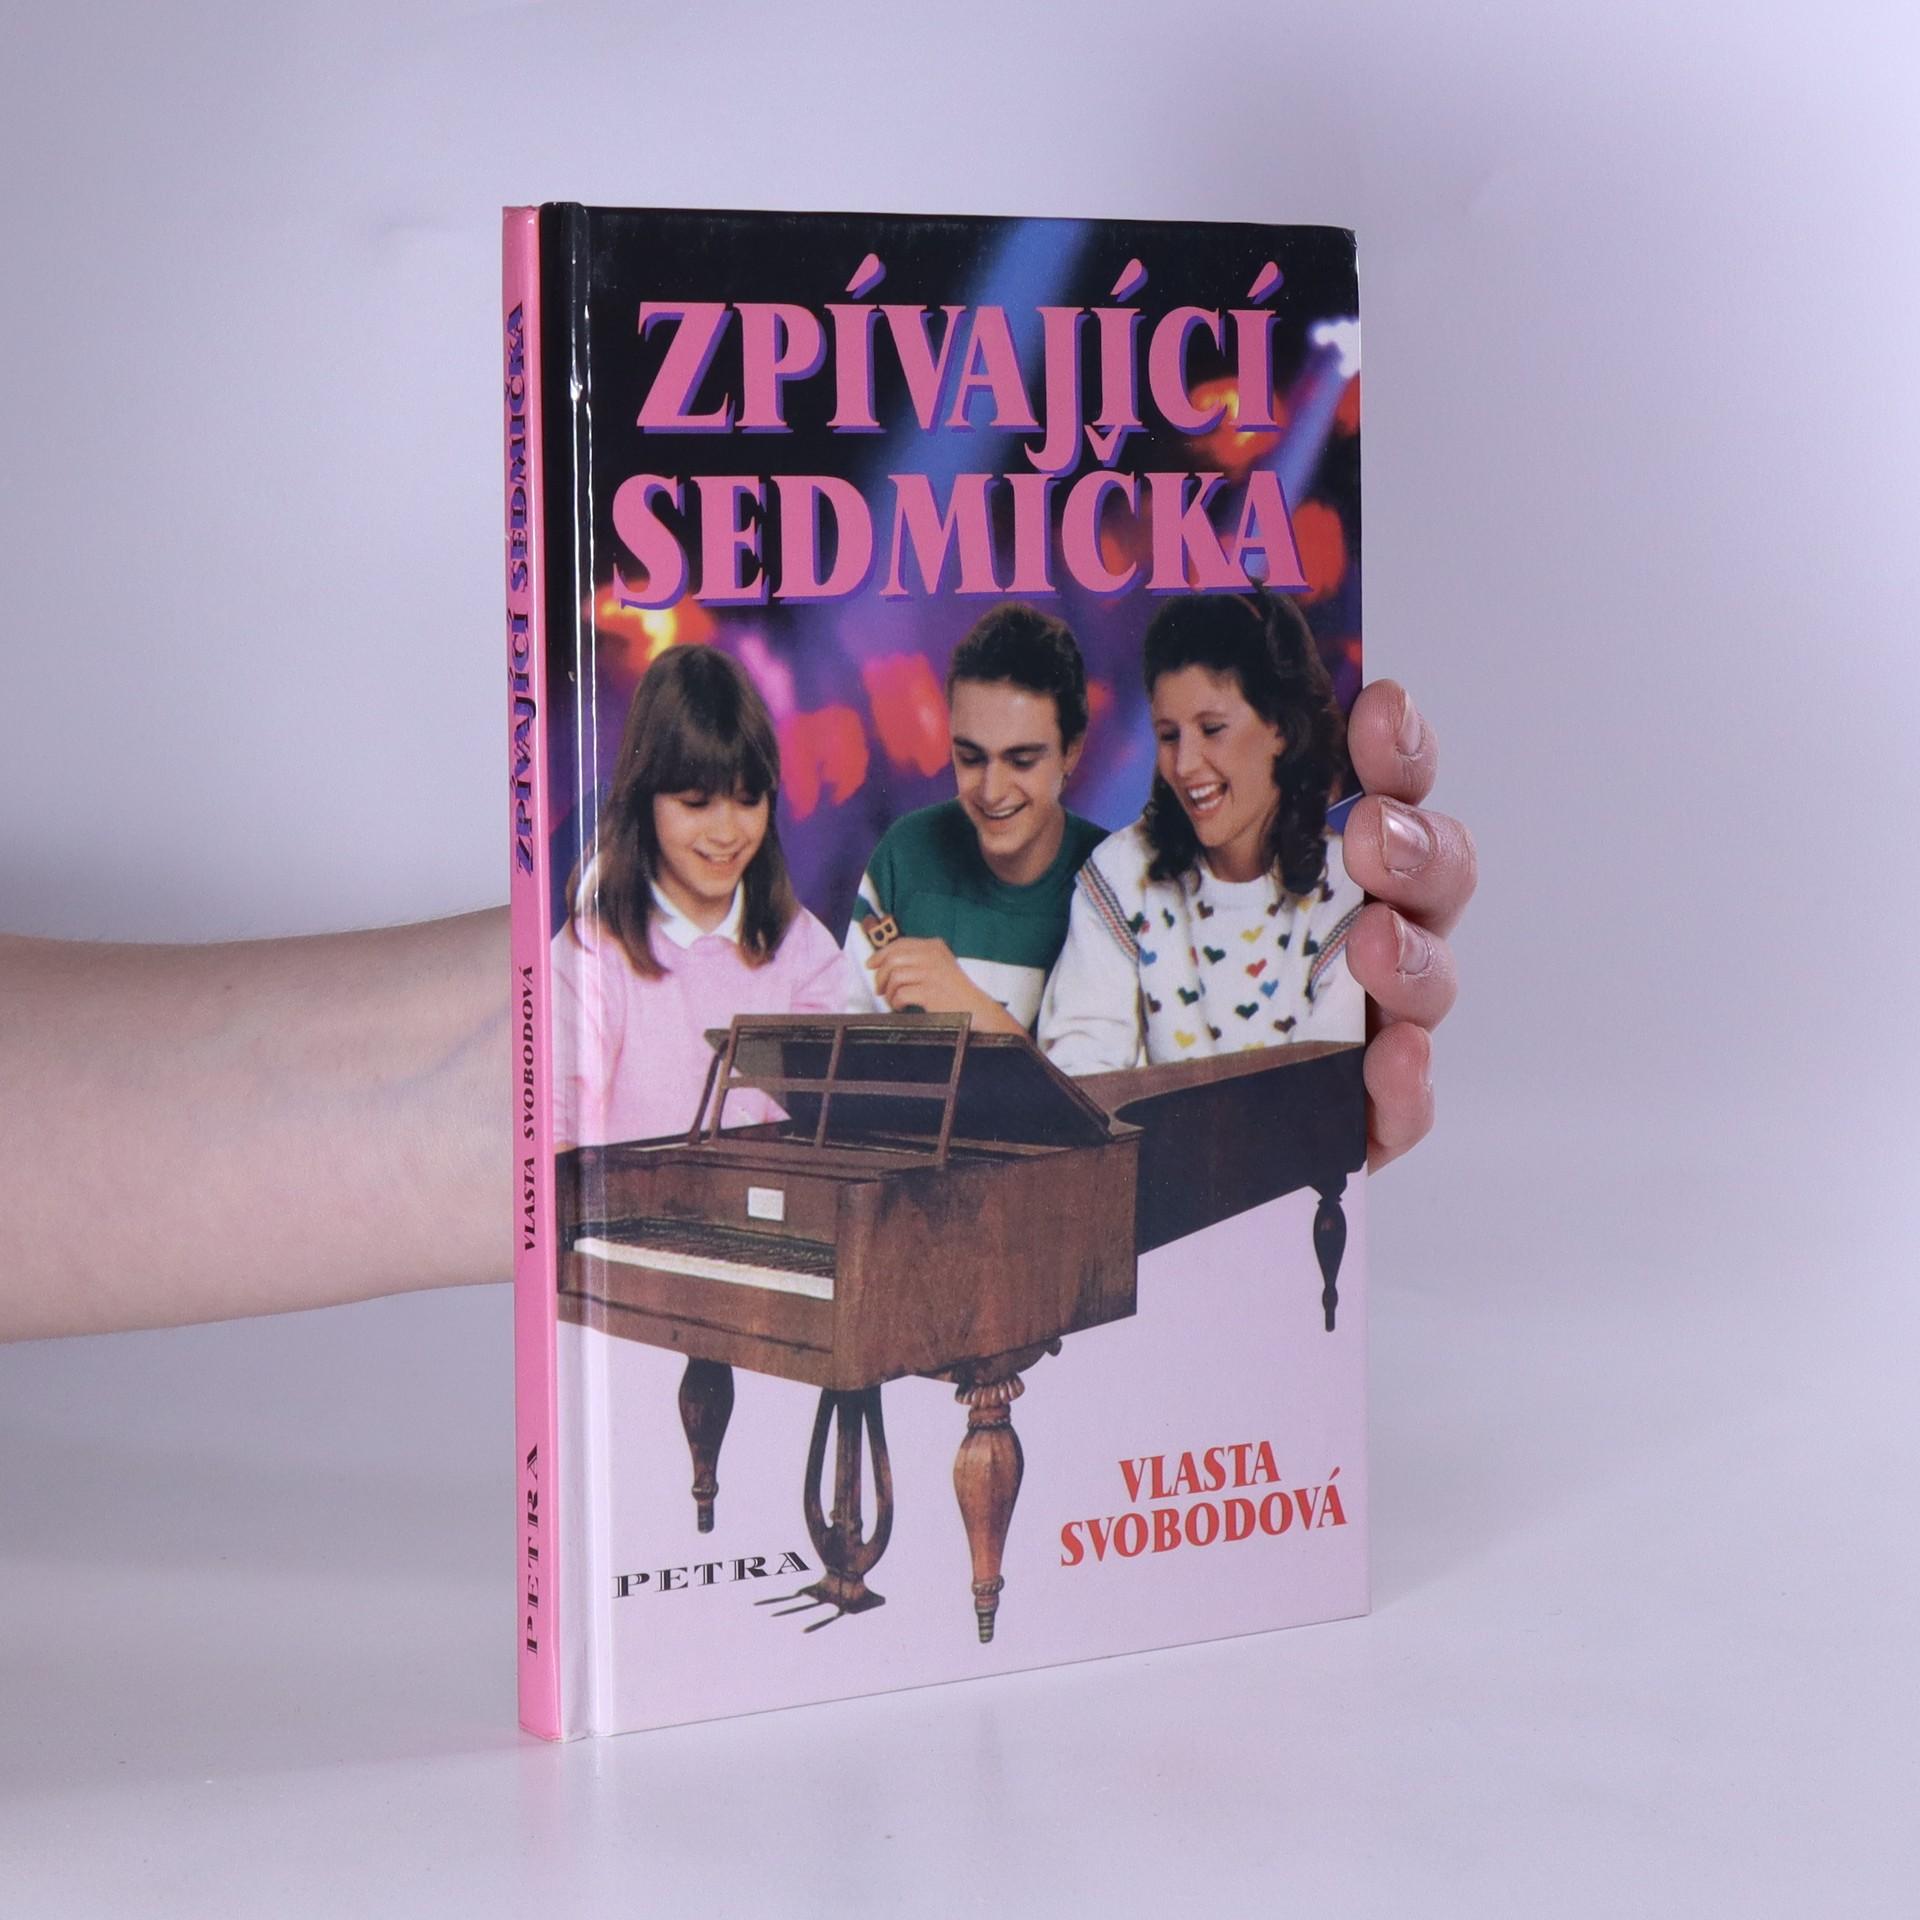 antikvární kniha Zpívající sedmička, 1999